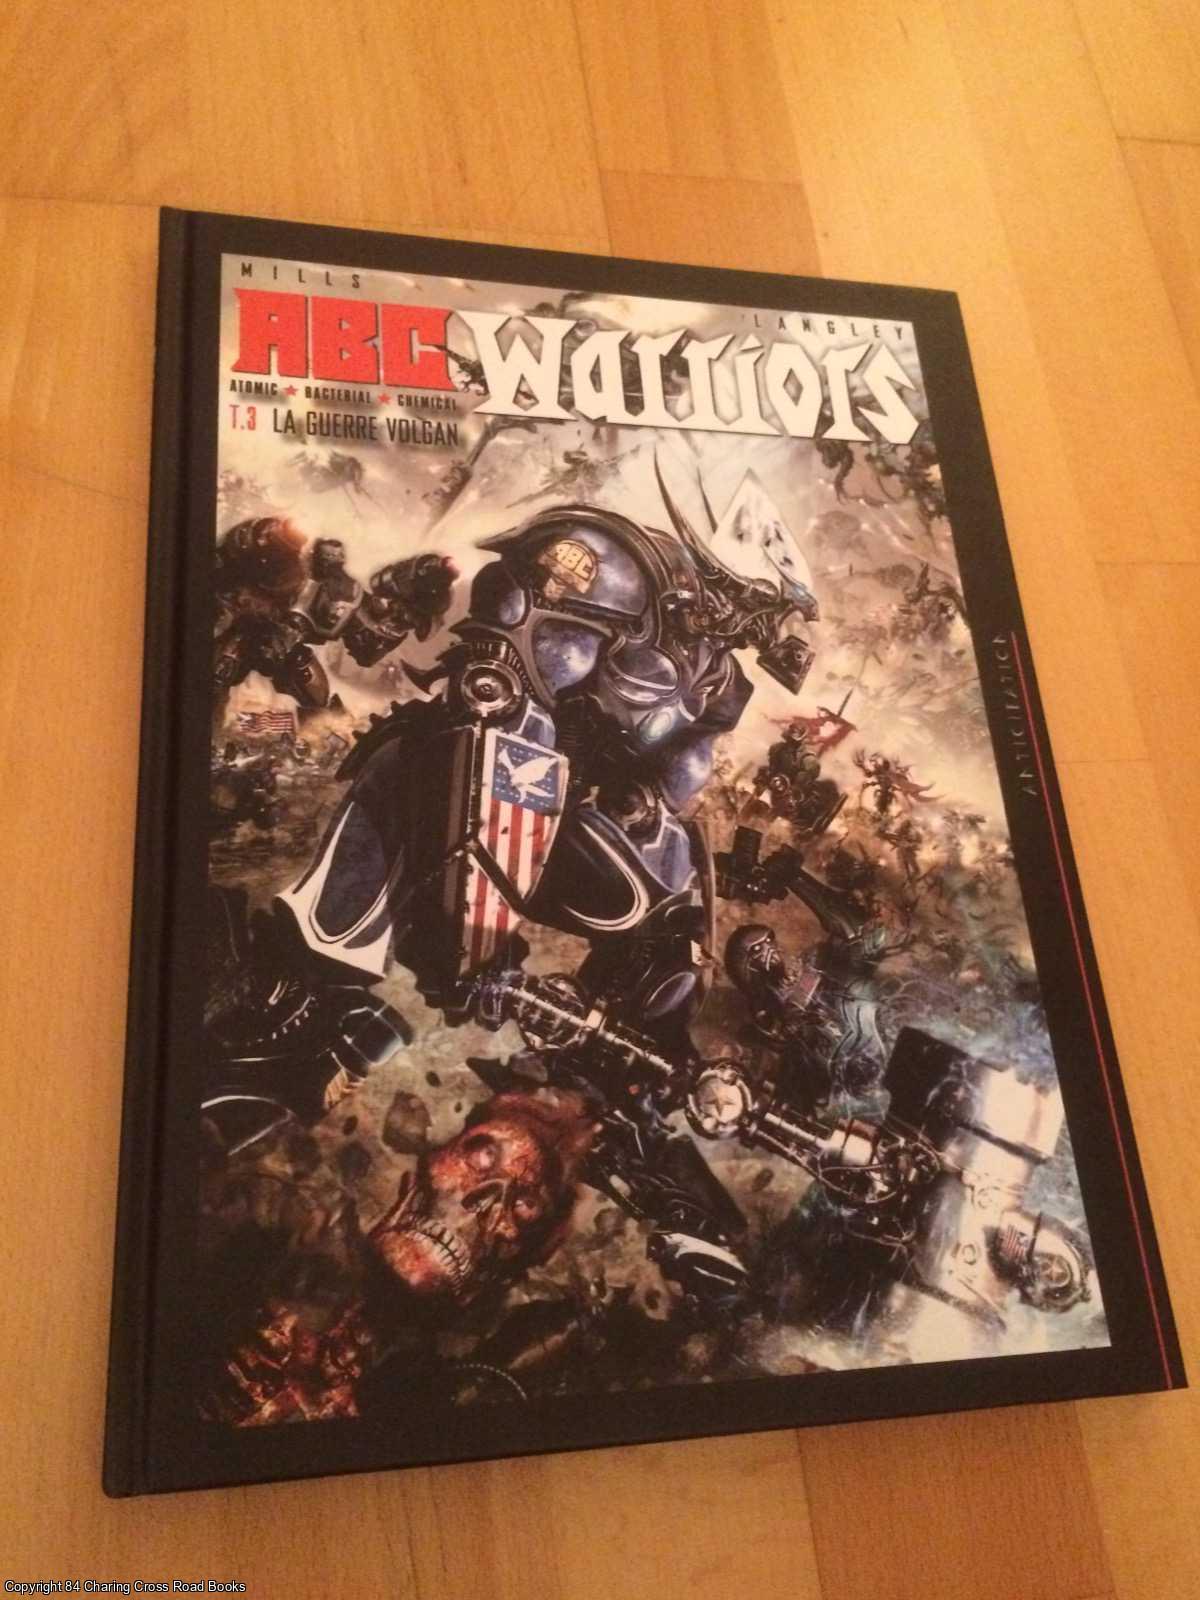 LANGLEY, CLINT, MILLS, PAT - ABC Warriors, Tome 3 : La guerre Volgan